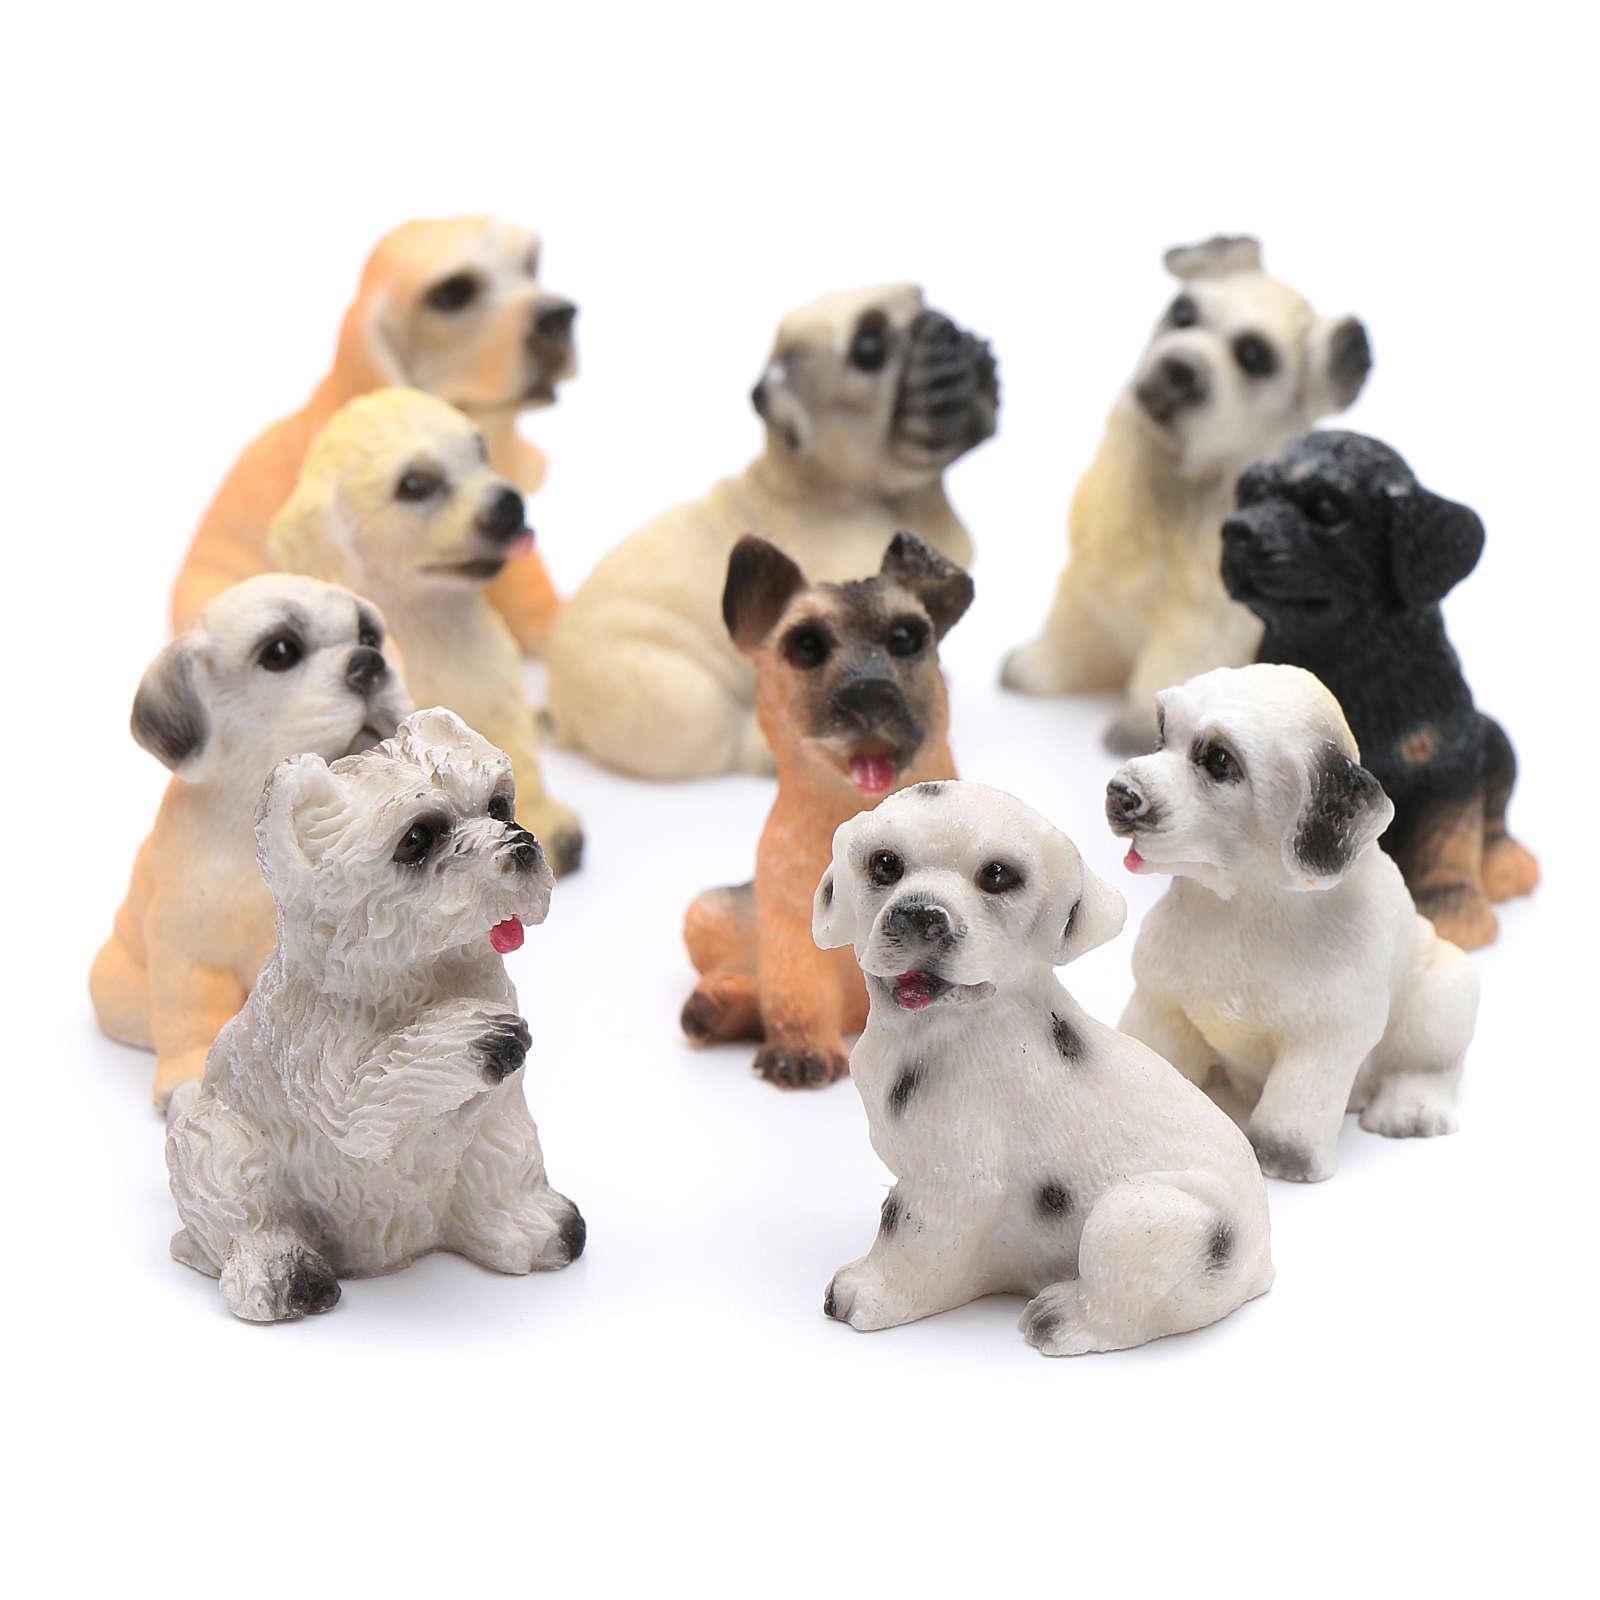 Pies do szopki różne modele 3.5 - 4 cm wys. rzeczywista 3